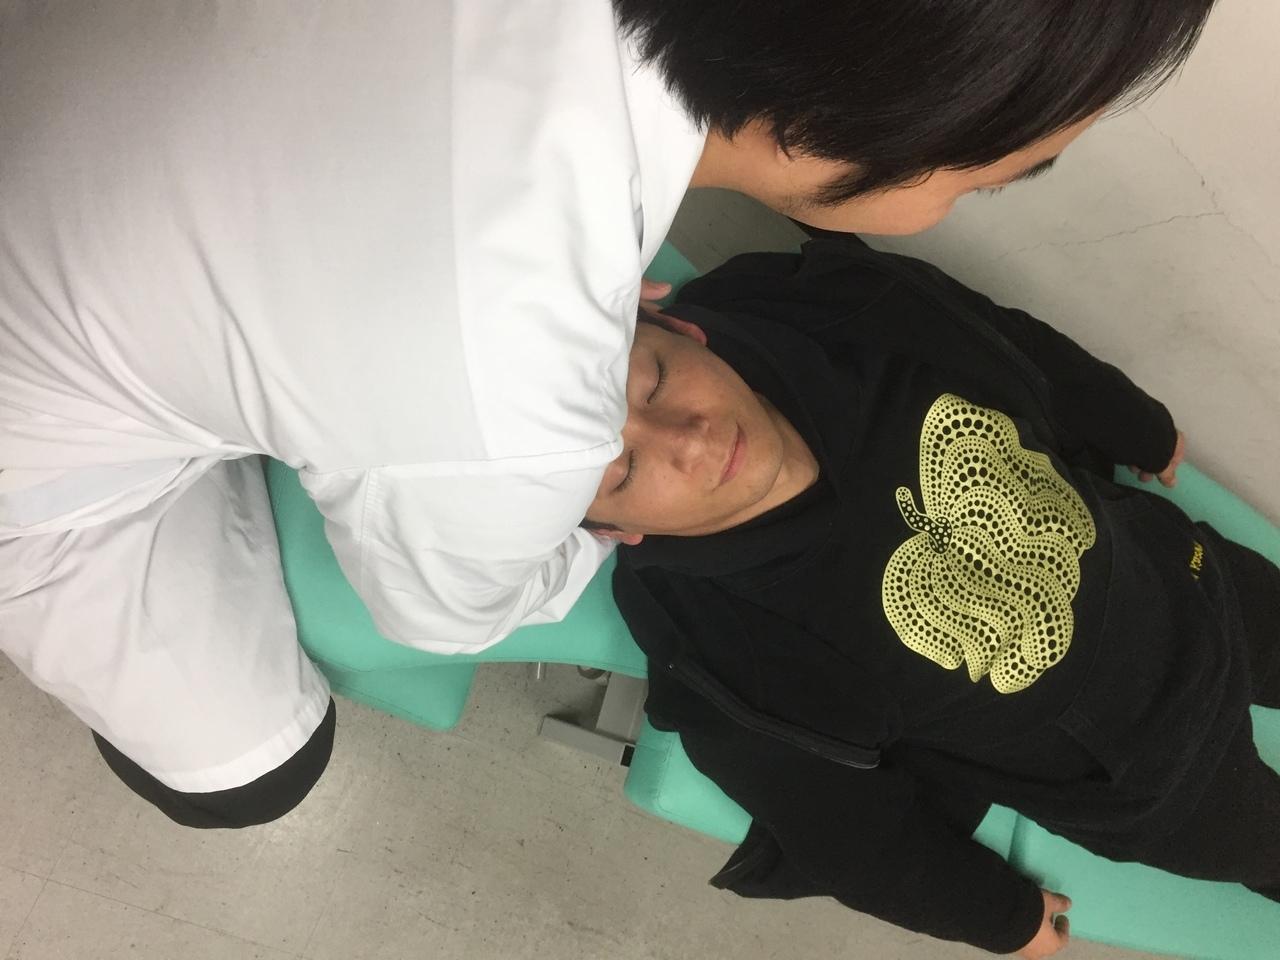 頭蓋調整(クラニオセイクラル)